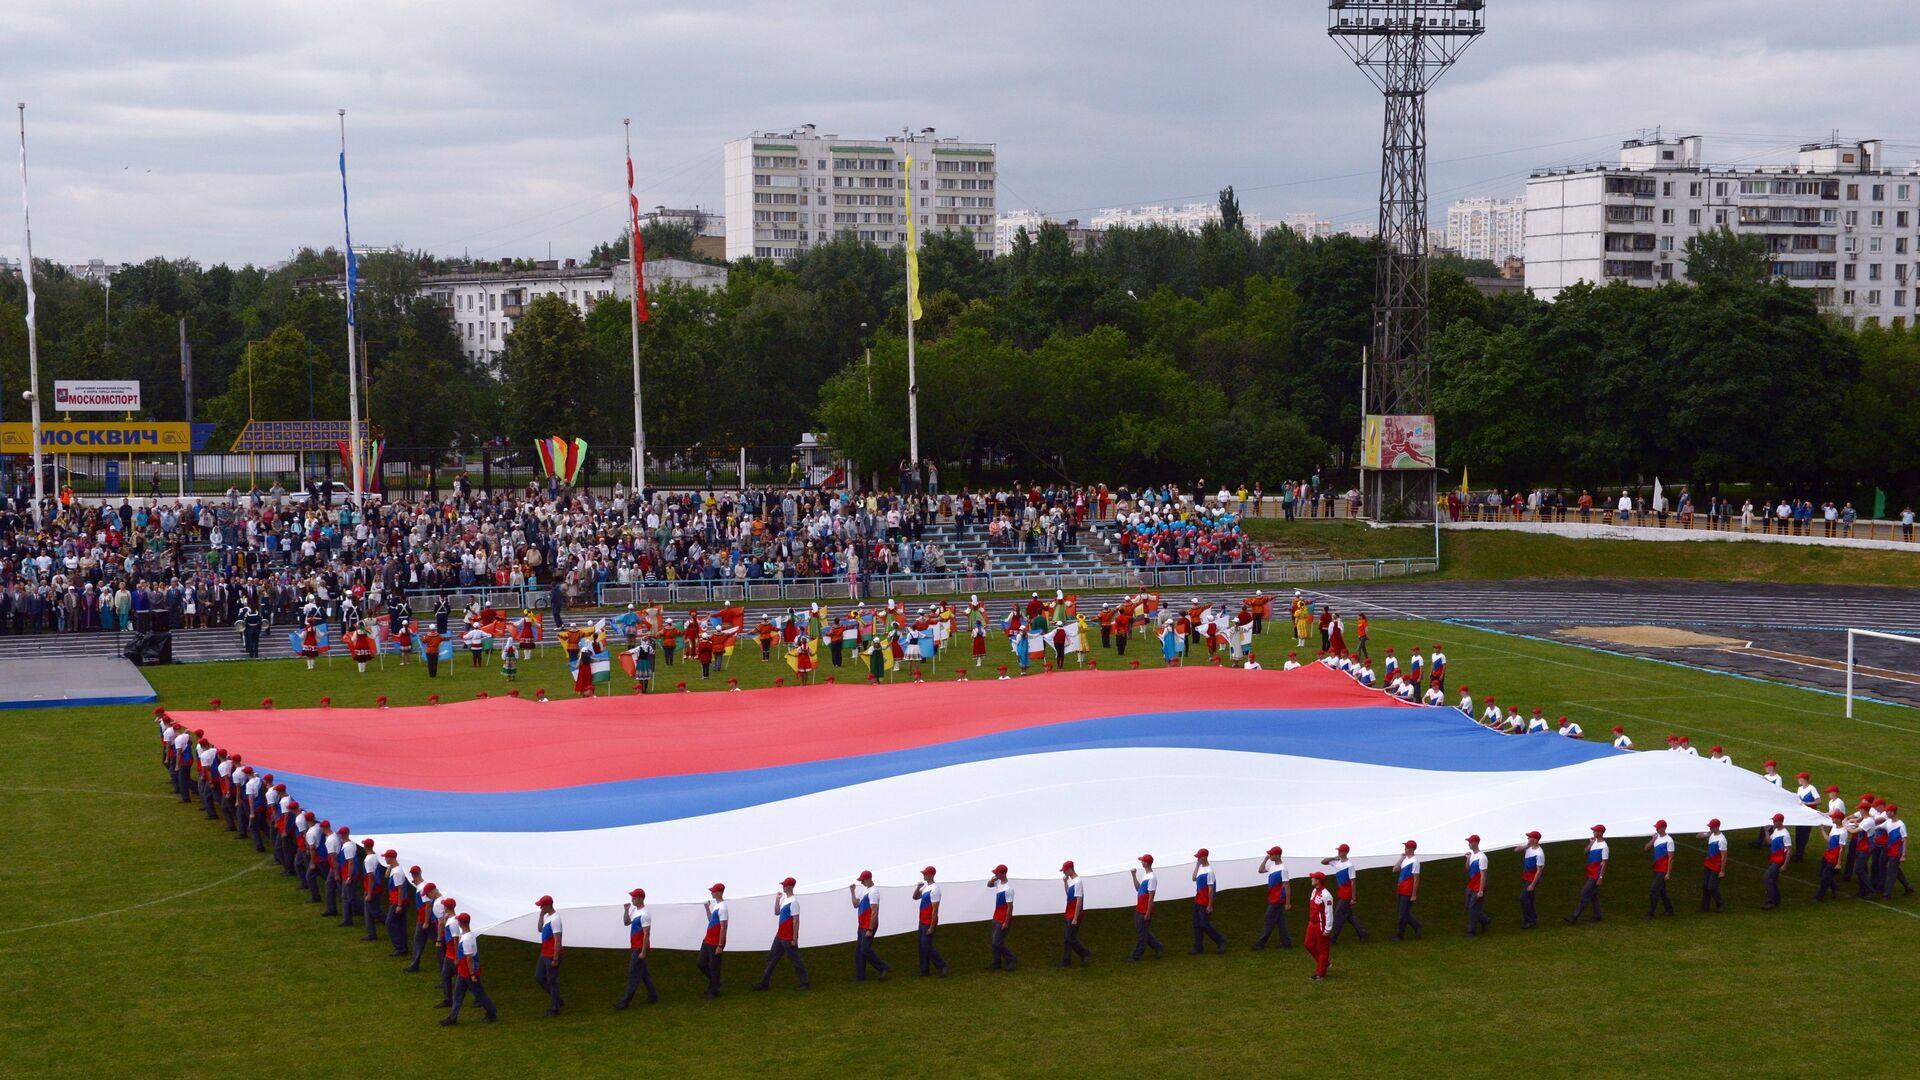 Презентация самого большого флага России на стадионе Москвич в городе Москве - РИА Новости, 1920, 14.11.2020